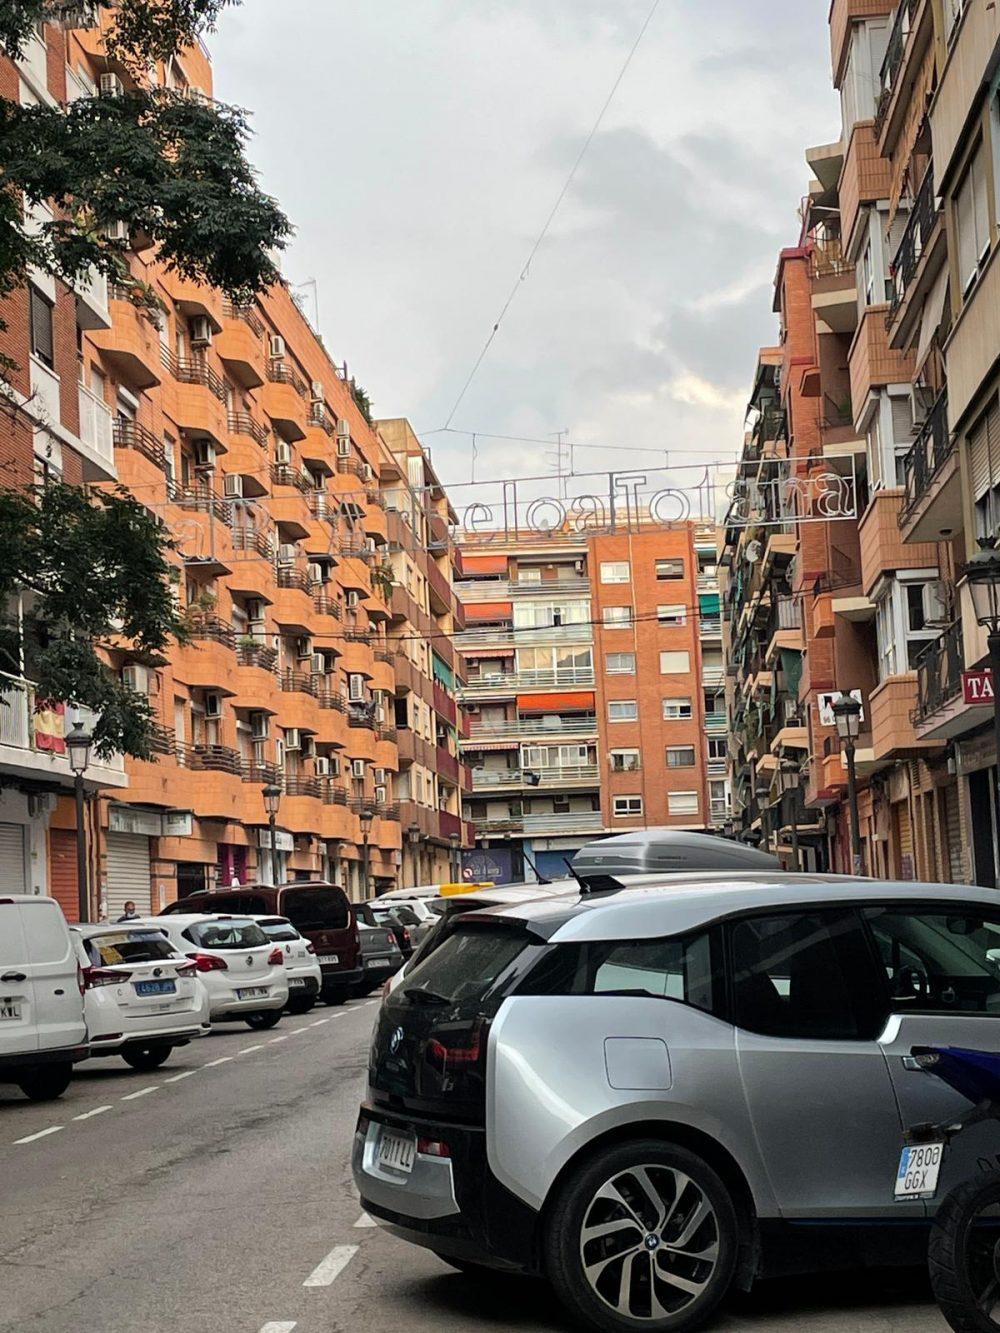 Homenaje a los conos en Valencia